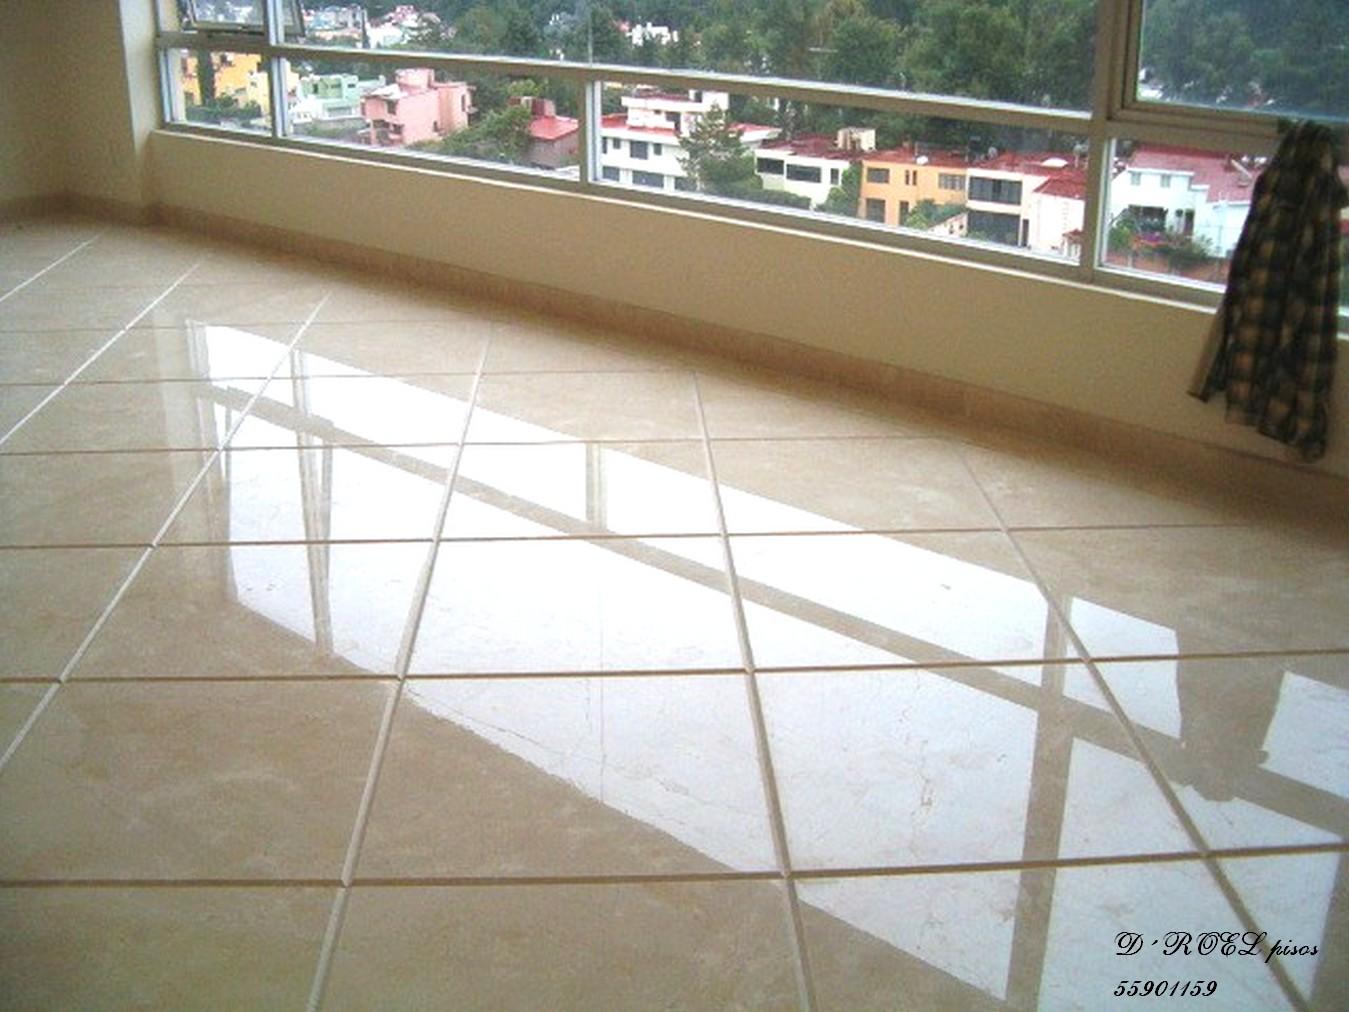 Pulido de piso granito presupuestos gratis hm4 for Pulido de pisos de granito